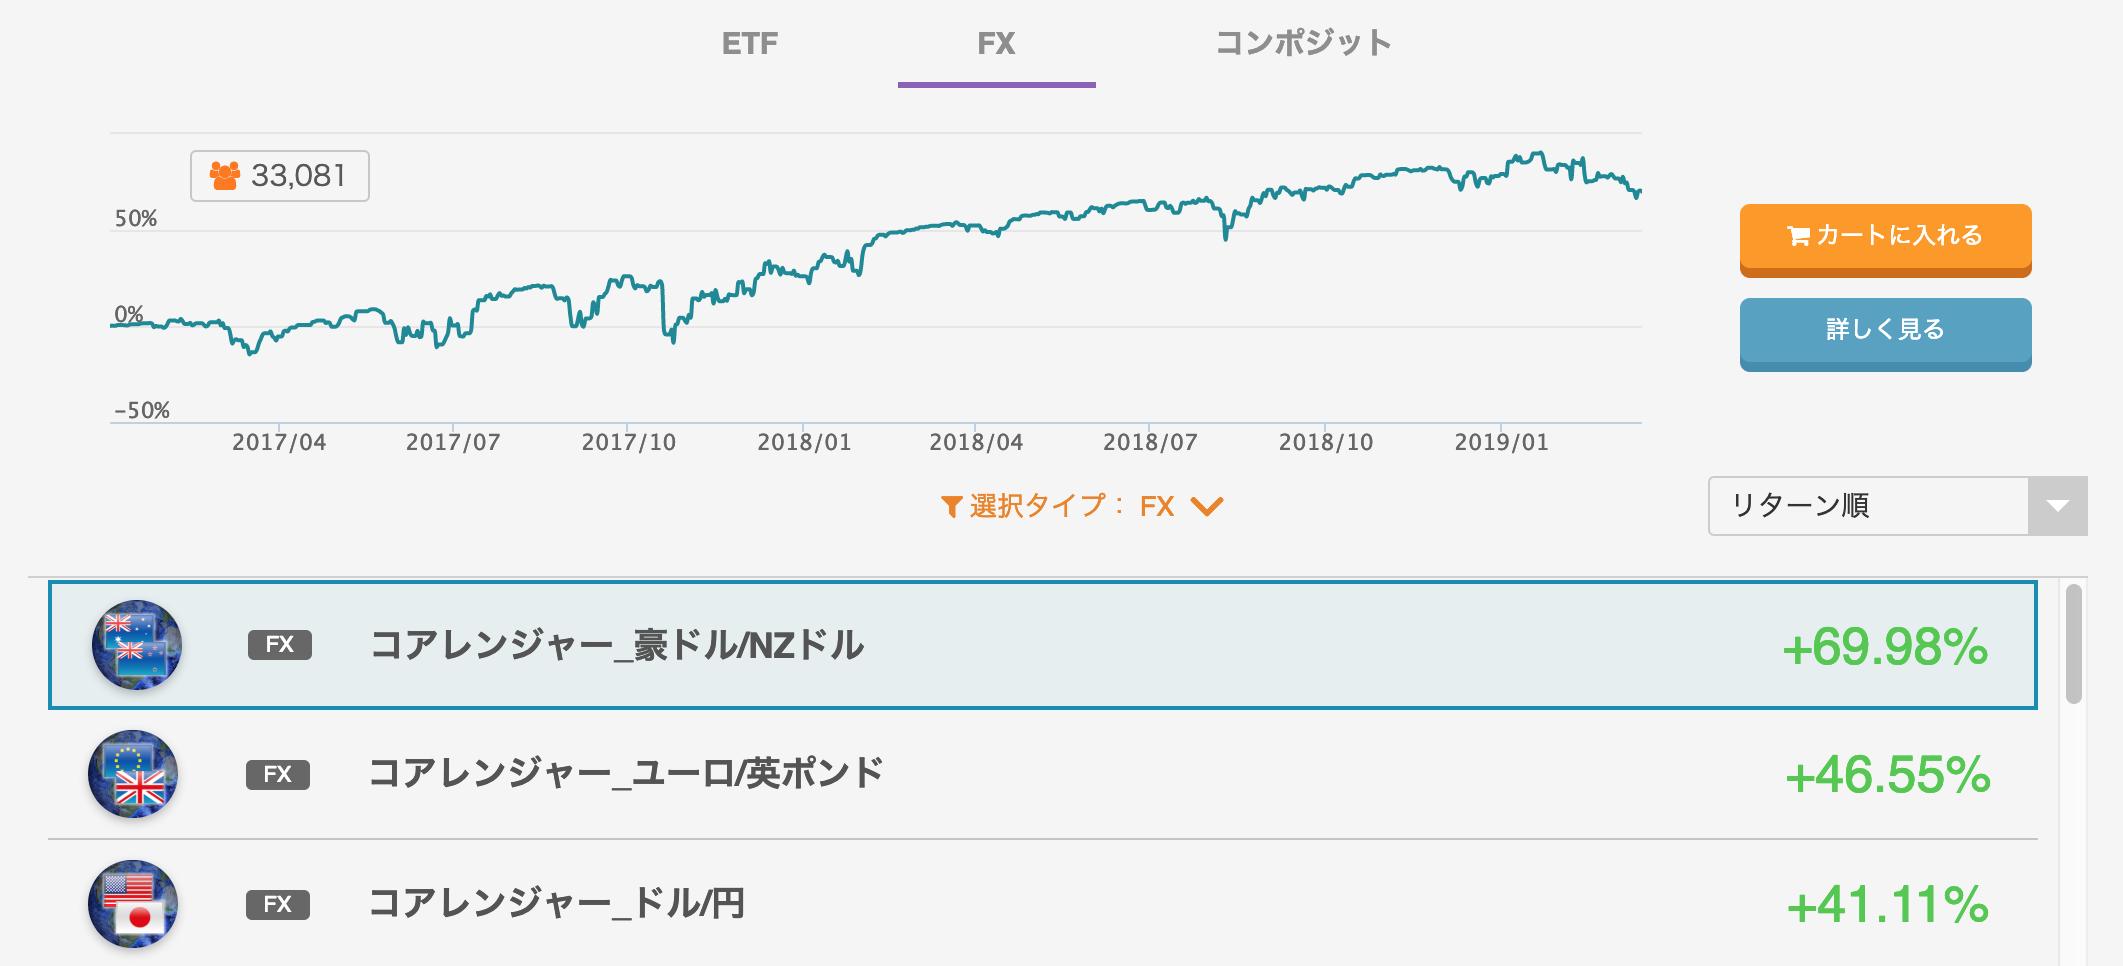 トラリオートFXコアレンジャー3/19のランキング